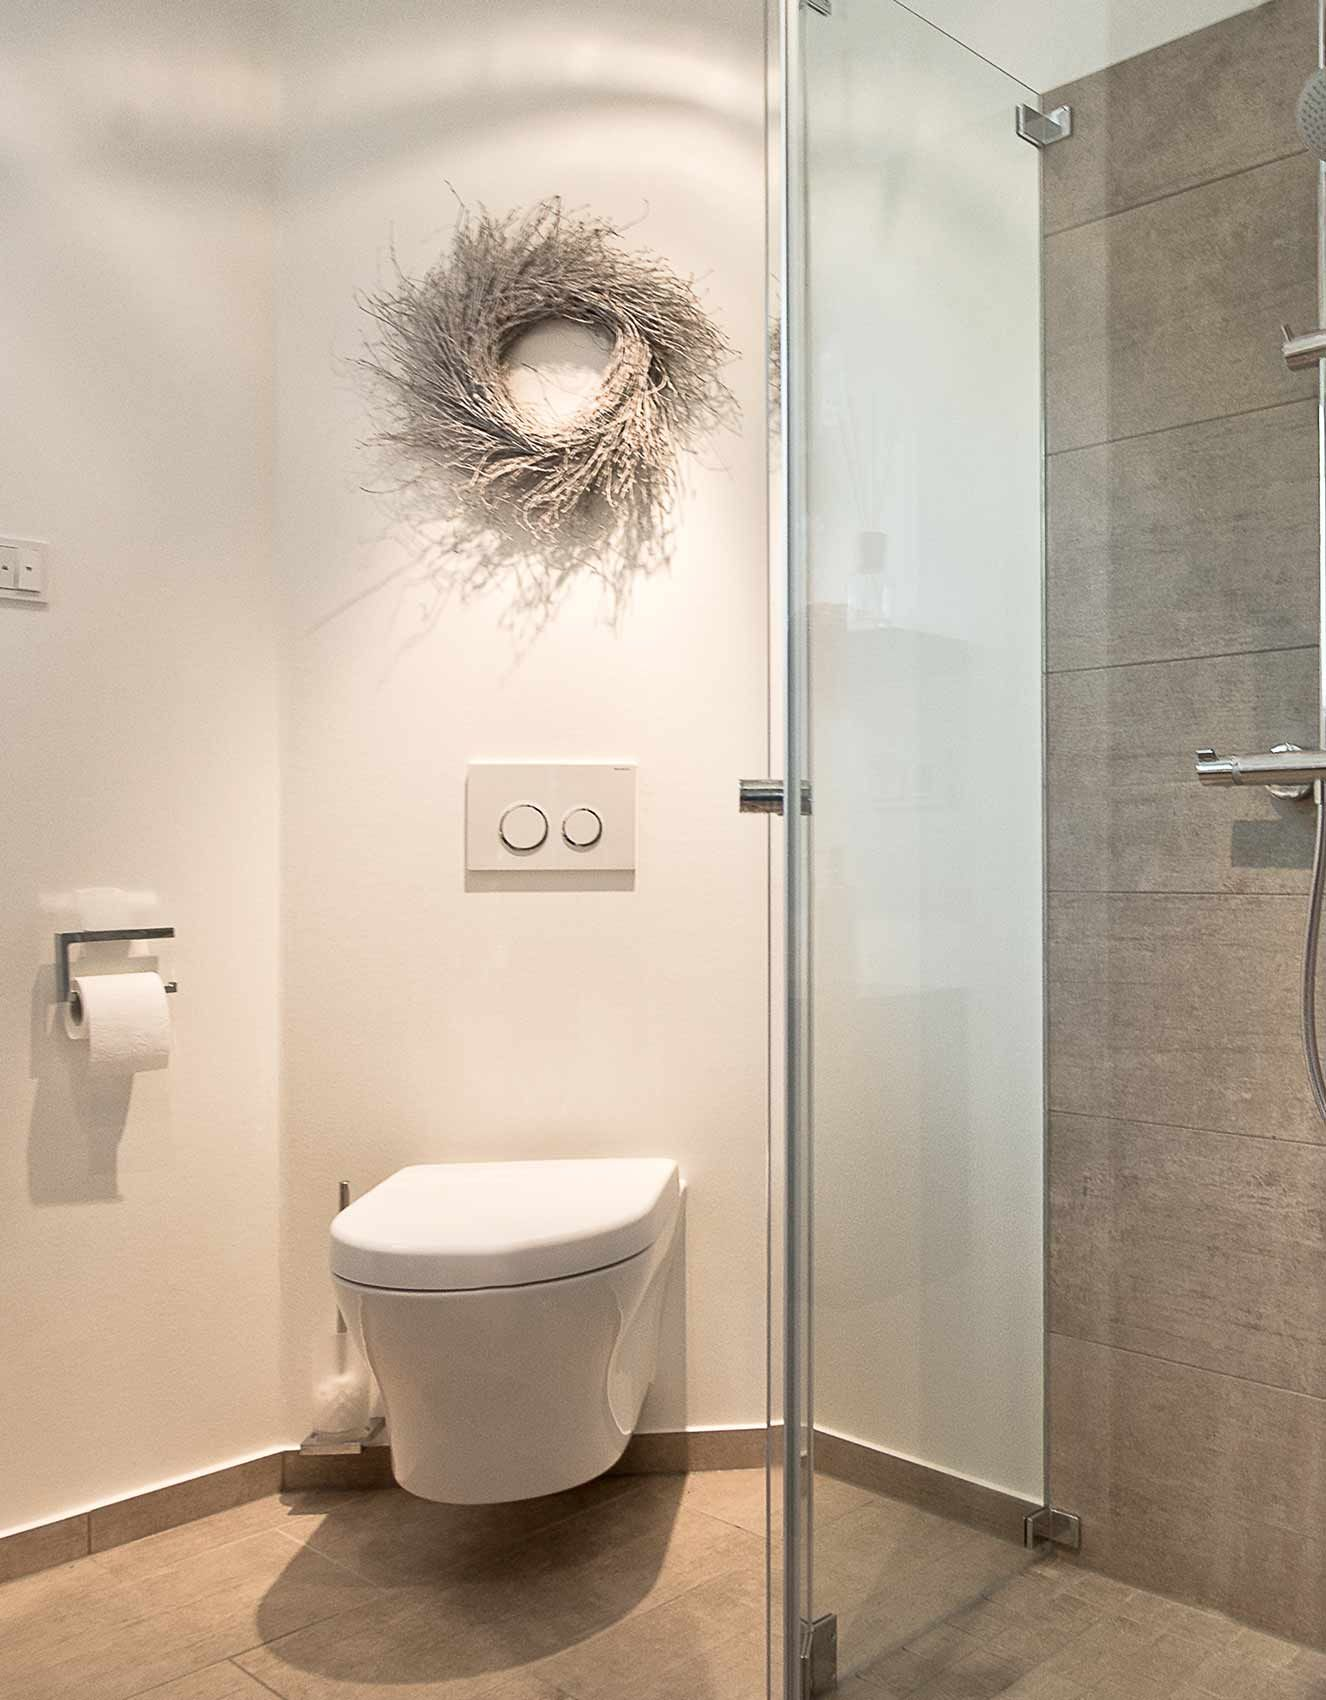 Gästebad Mit Dusche geradliniger wc bereich daneben dusche im gäste wc gäste wc